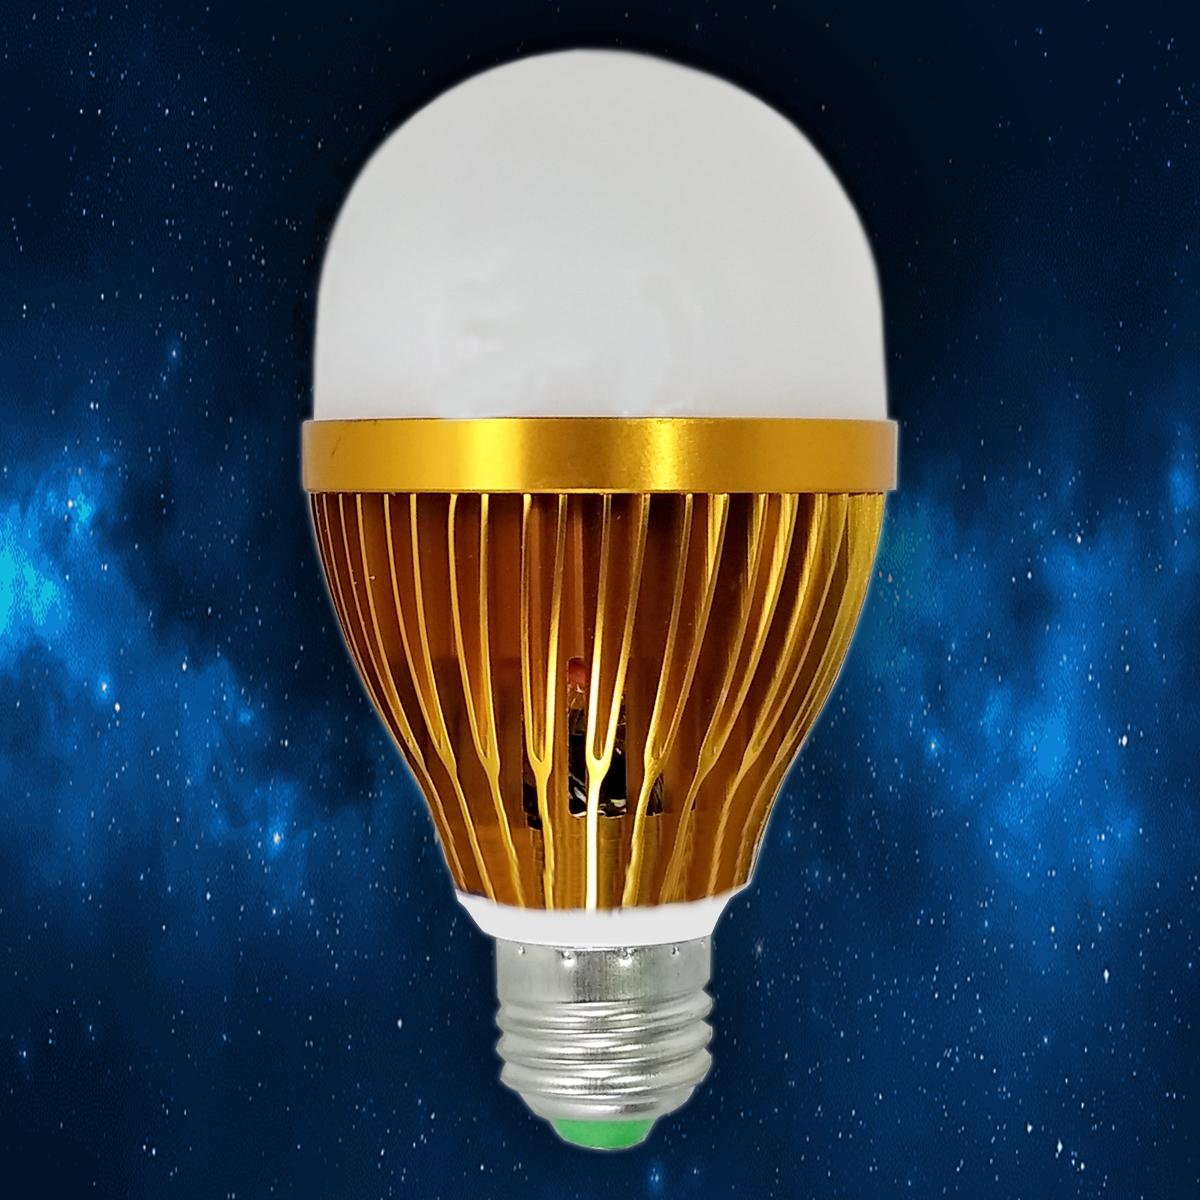 لامپ 9 وات رشد گیاه لایت ایران مدل GROW پایه E27